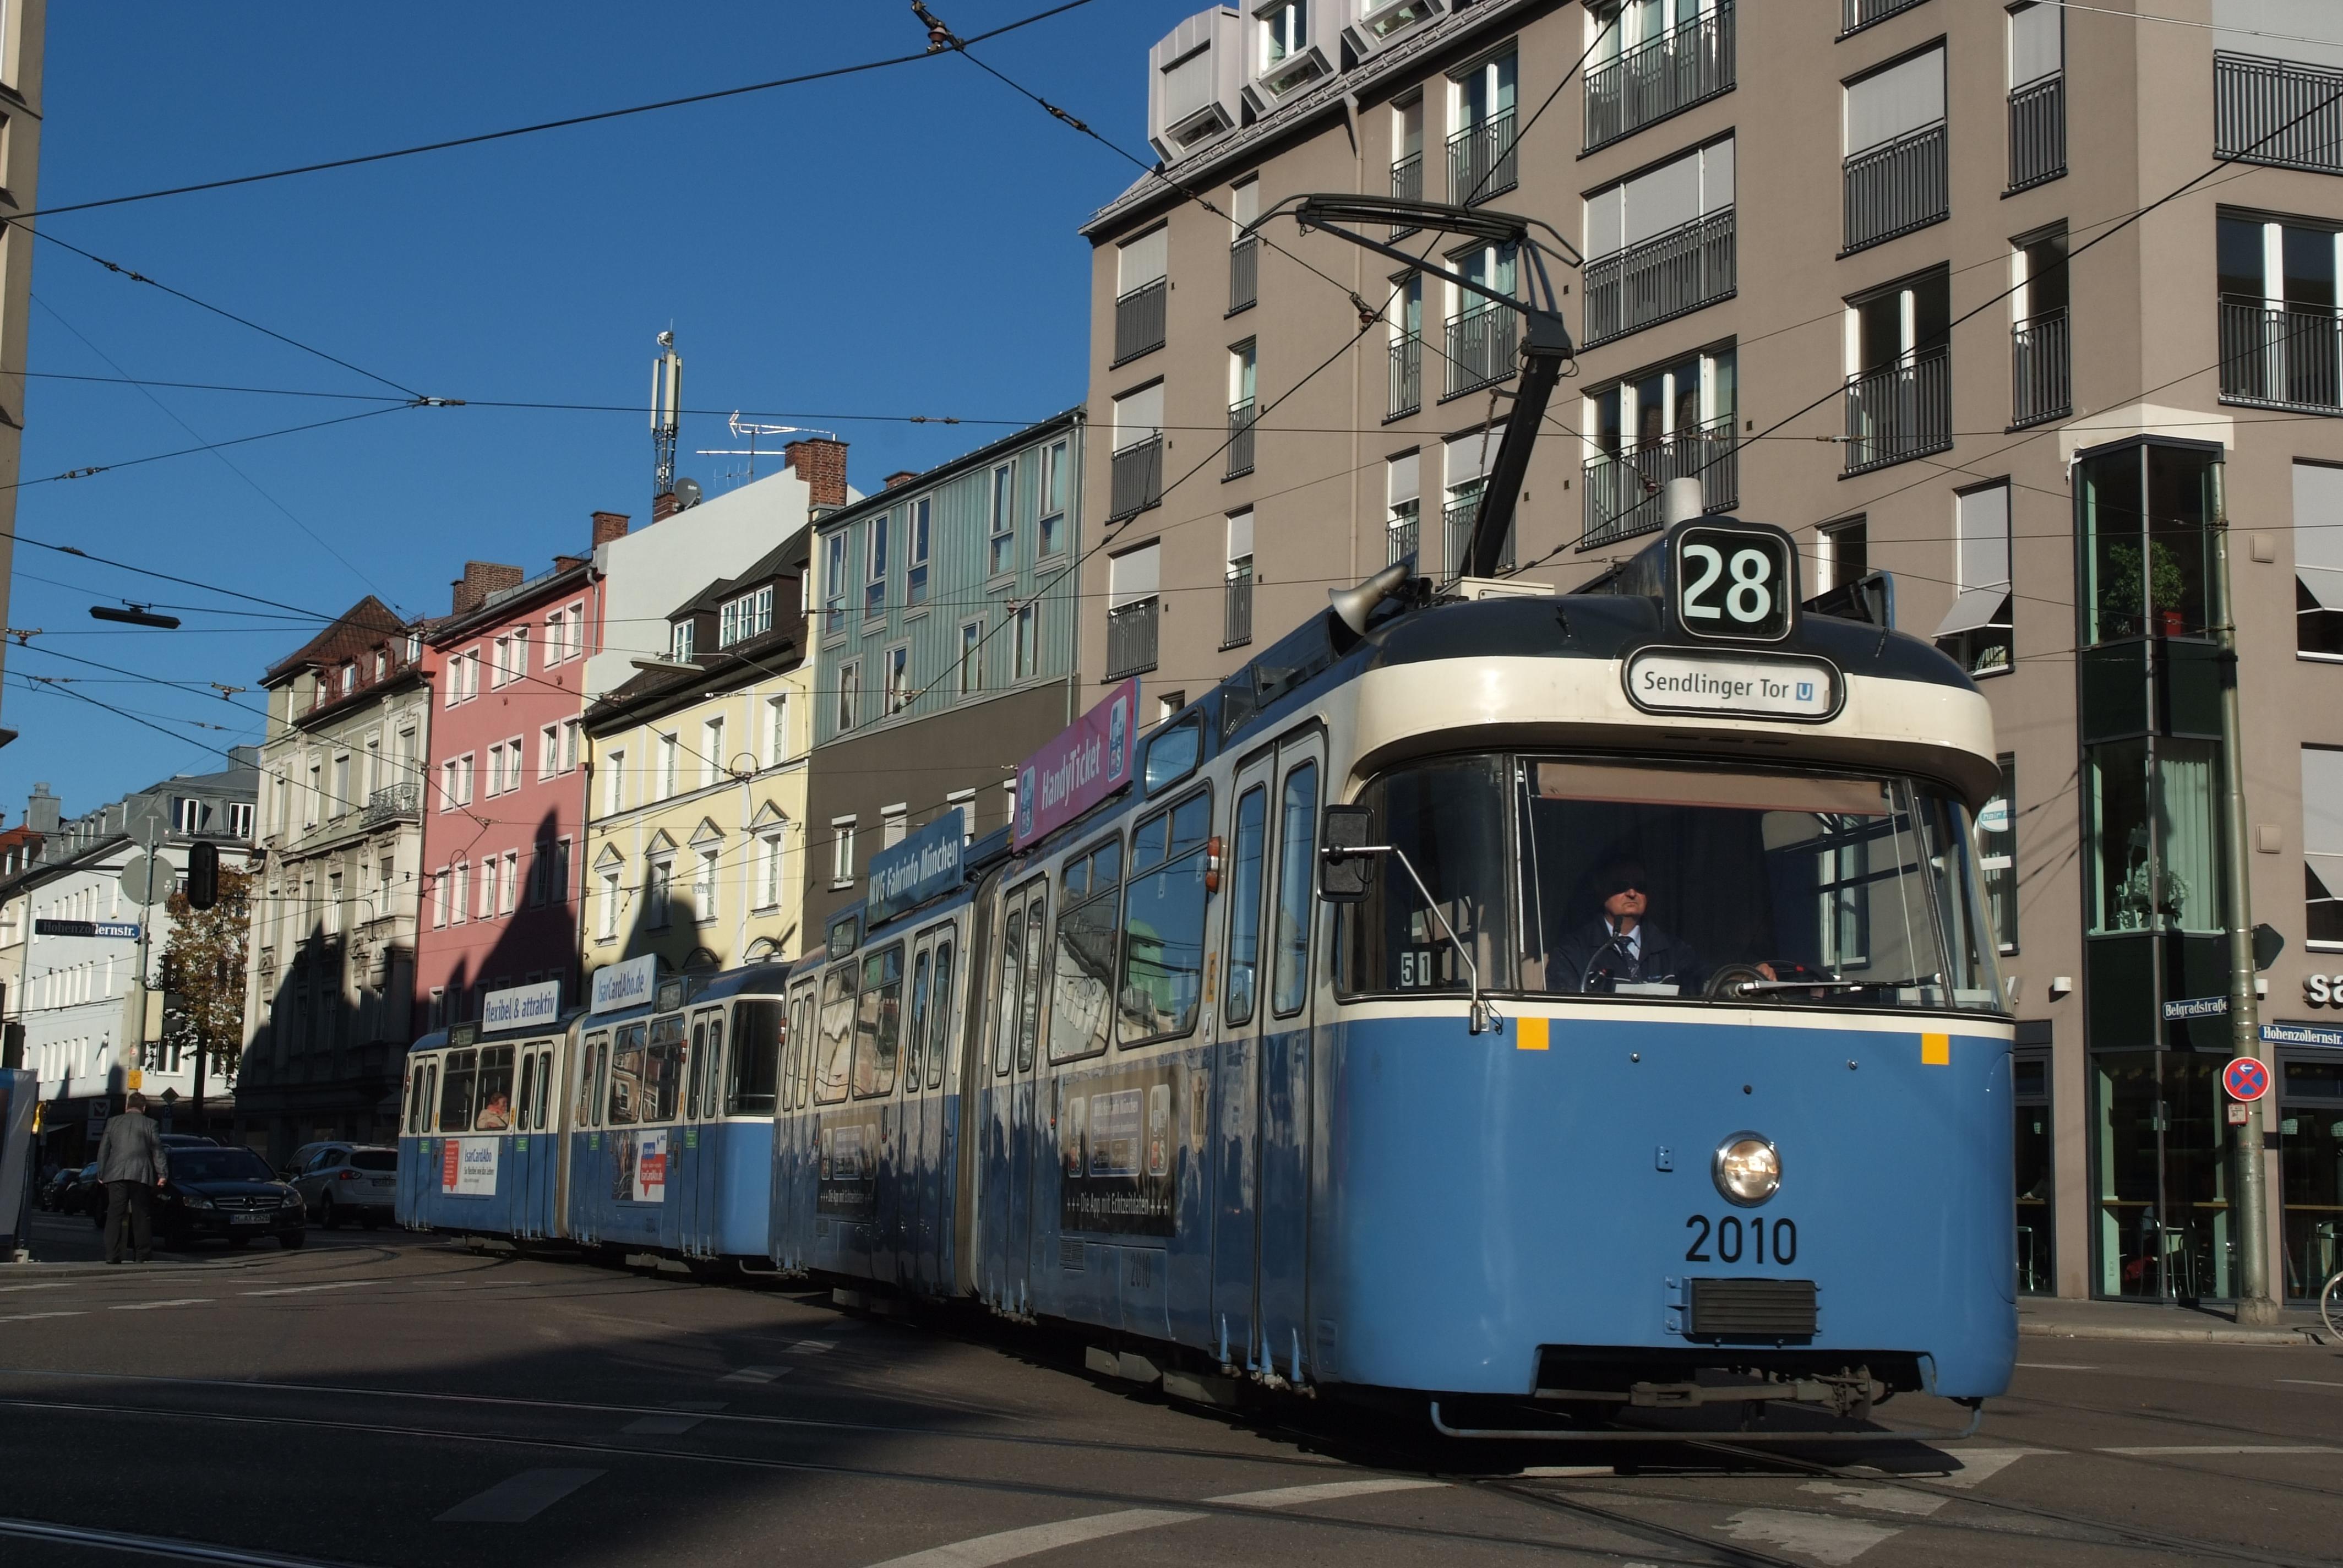 P-Wagen 2010 überquert die Gleiskreuzung am Schwabinger Kurfürstenplatz